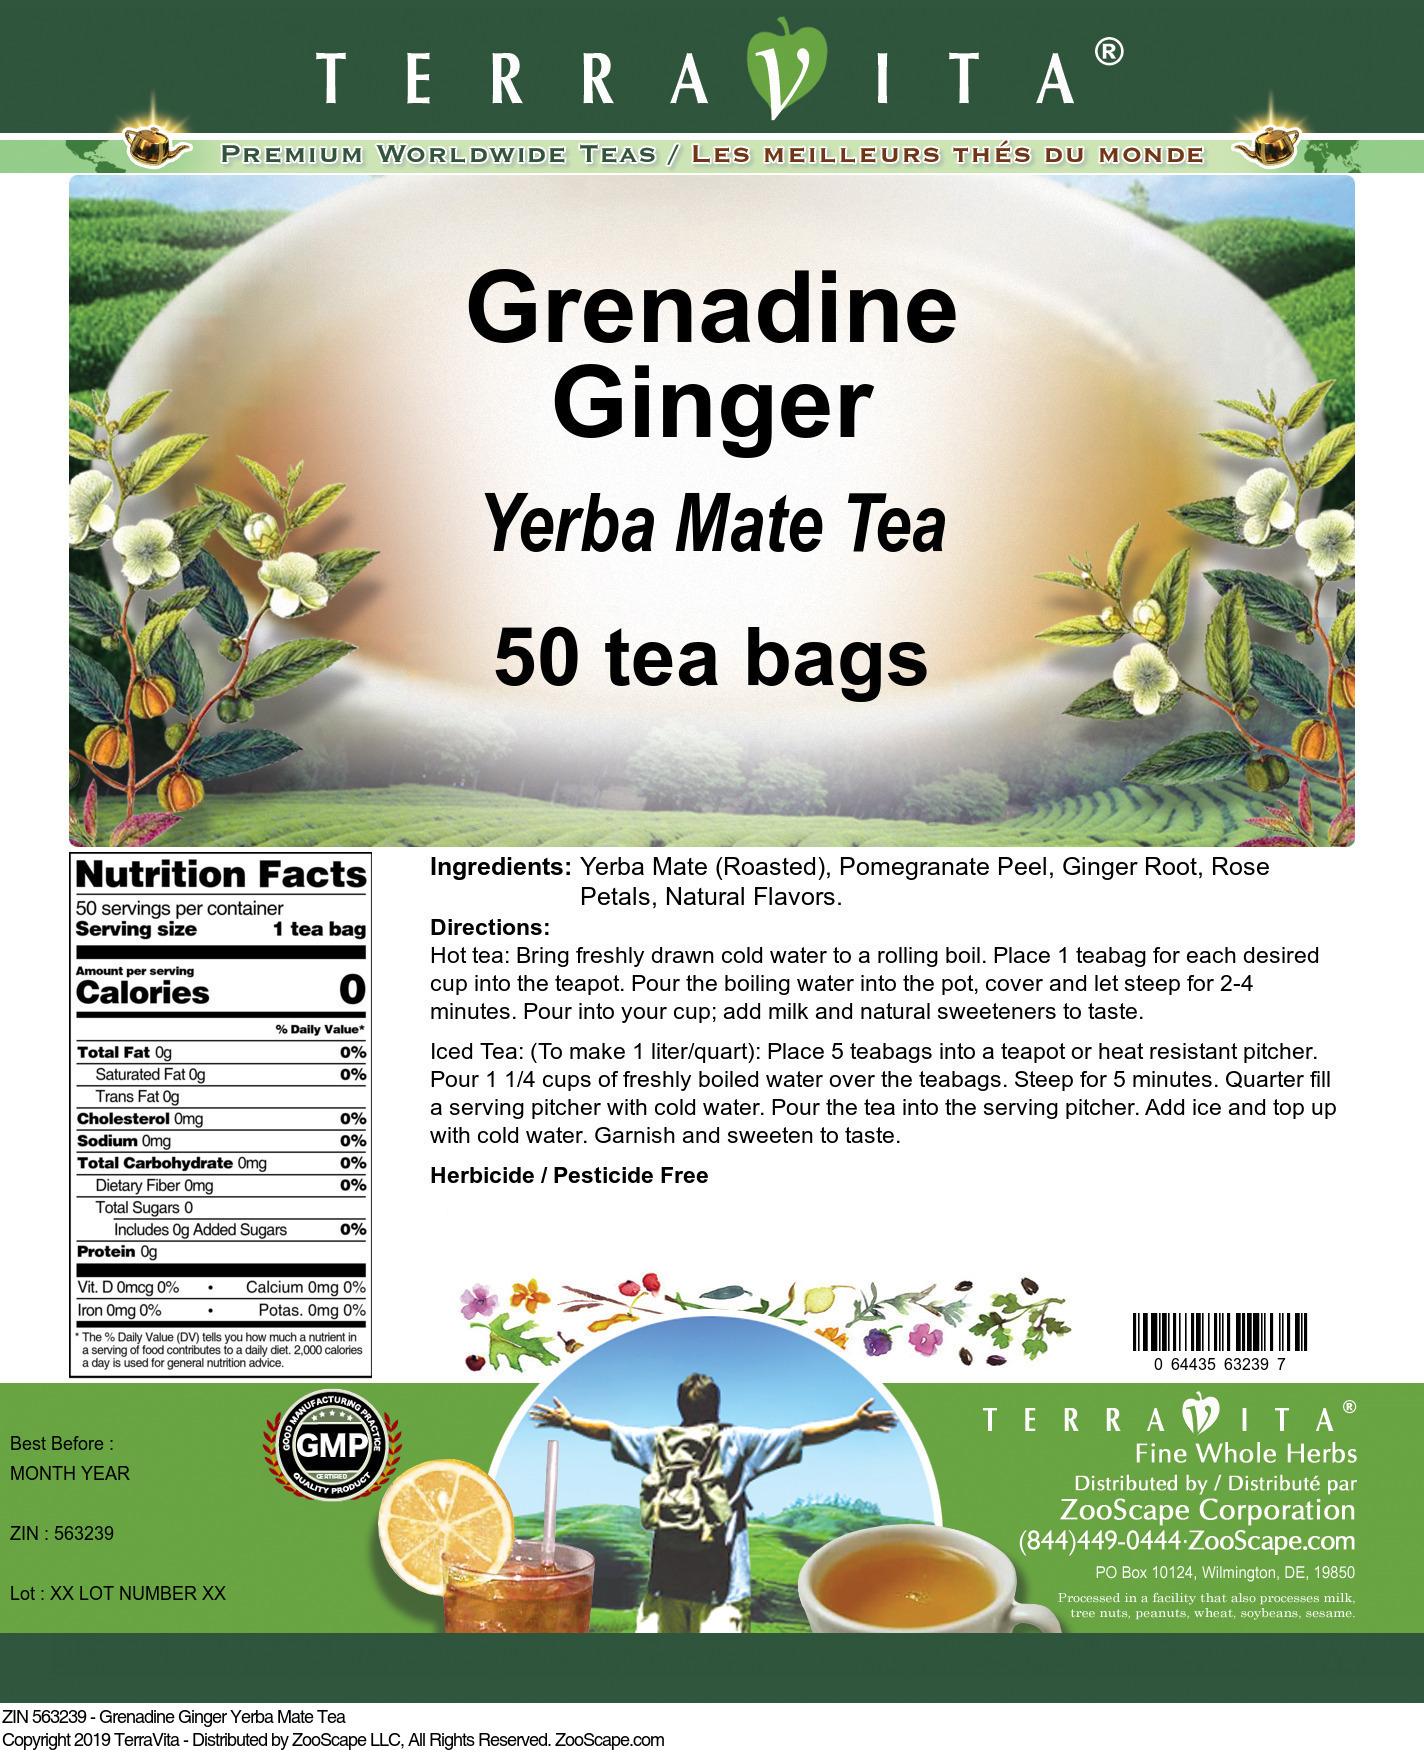 Grenadine Ginger Yerba Mate